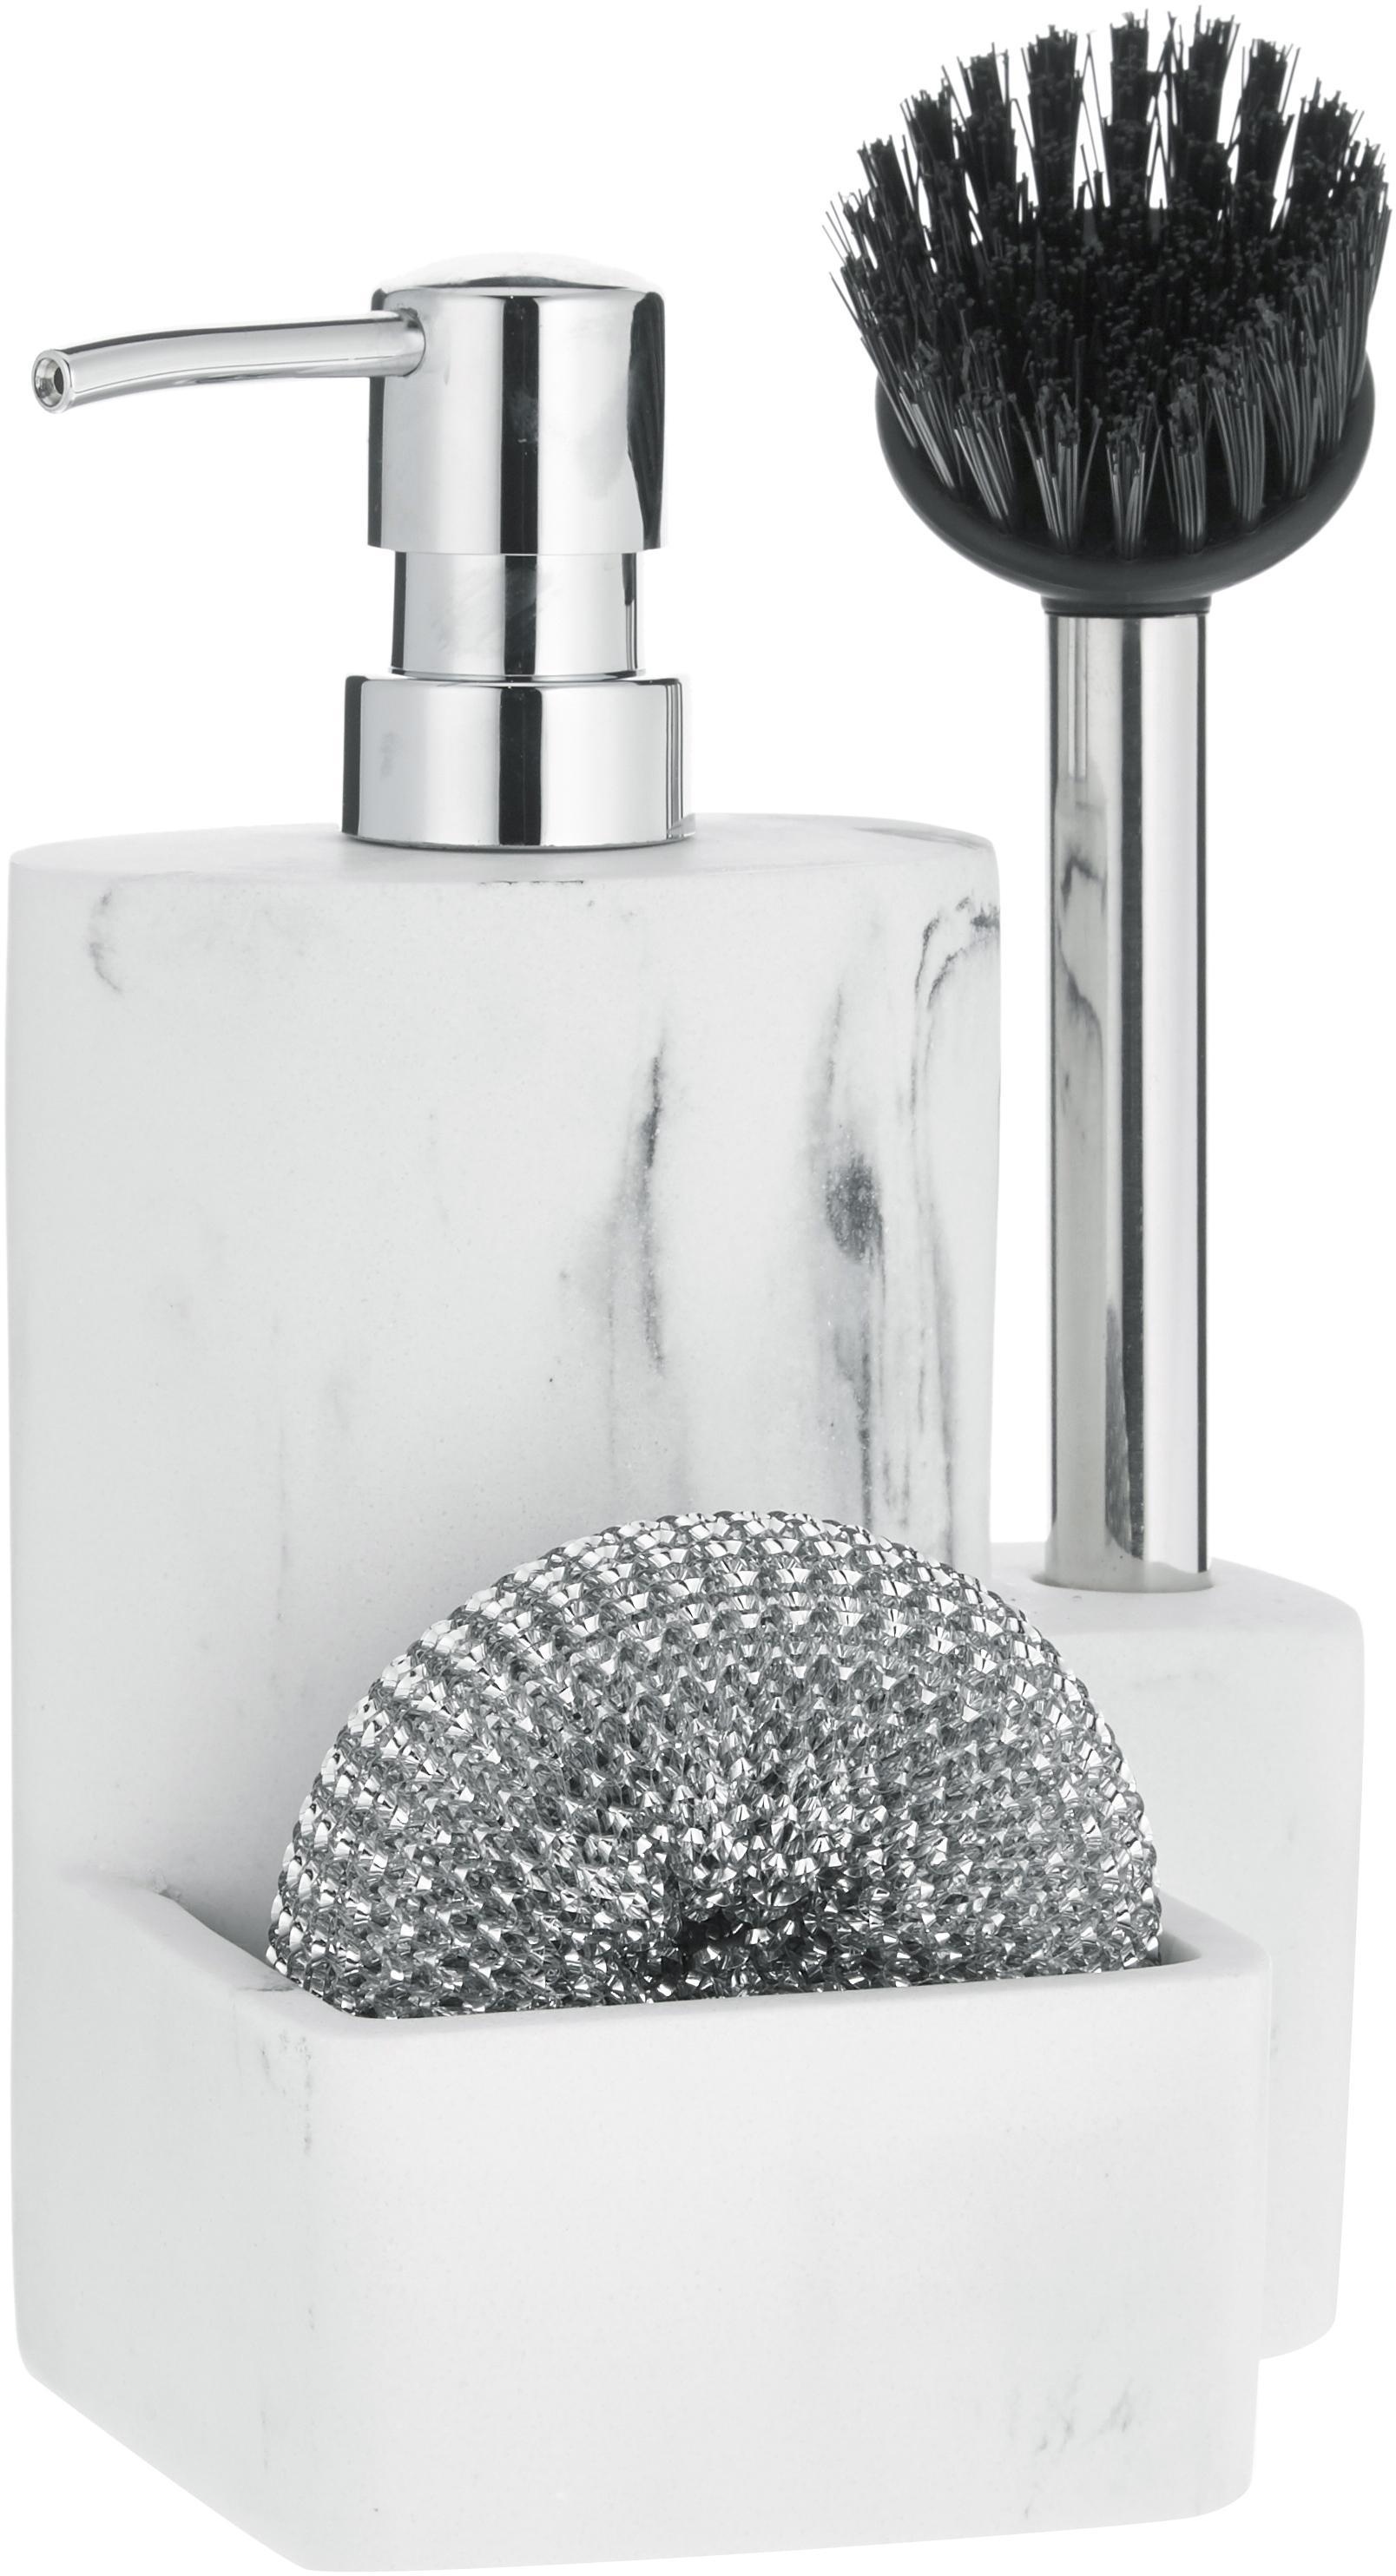 Set dispenser sapone in effetto marmo Galia 3 pz, Poliresina, metallo, Bianco, marmorizzato, argento, nero, Larg. 24 x Alt. 12 cm